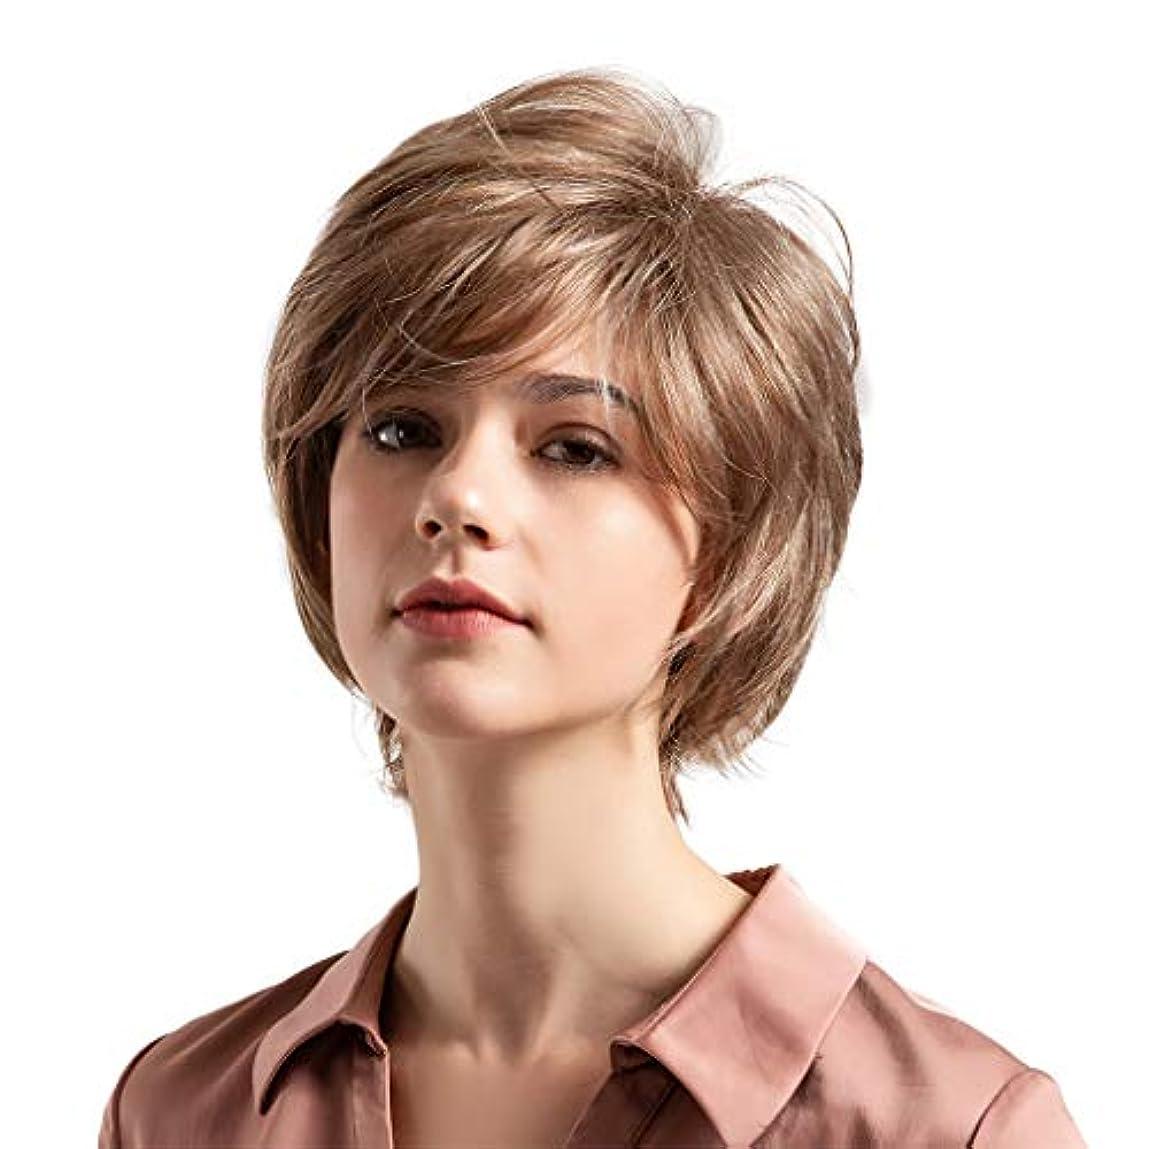 用心深い復活コークス薄茶色の混合色の自然な巻き毛の短い髪の かつら